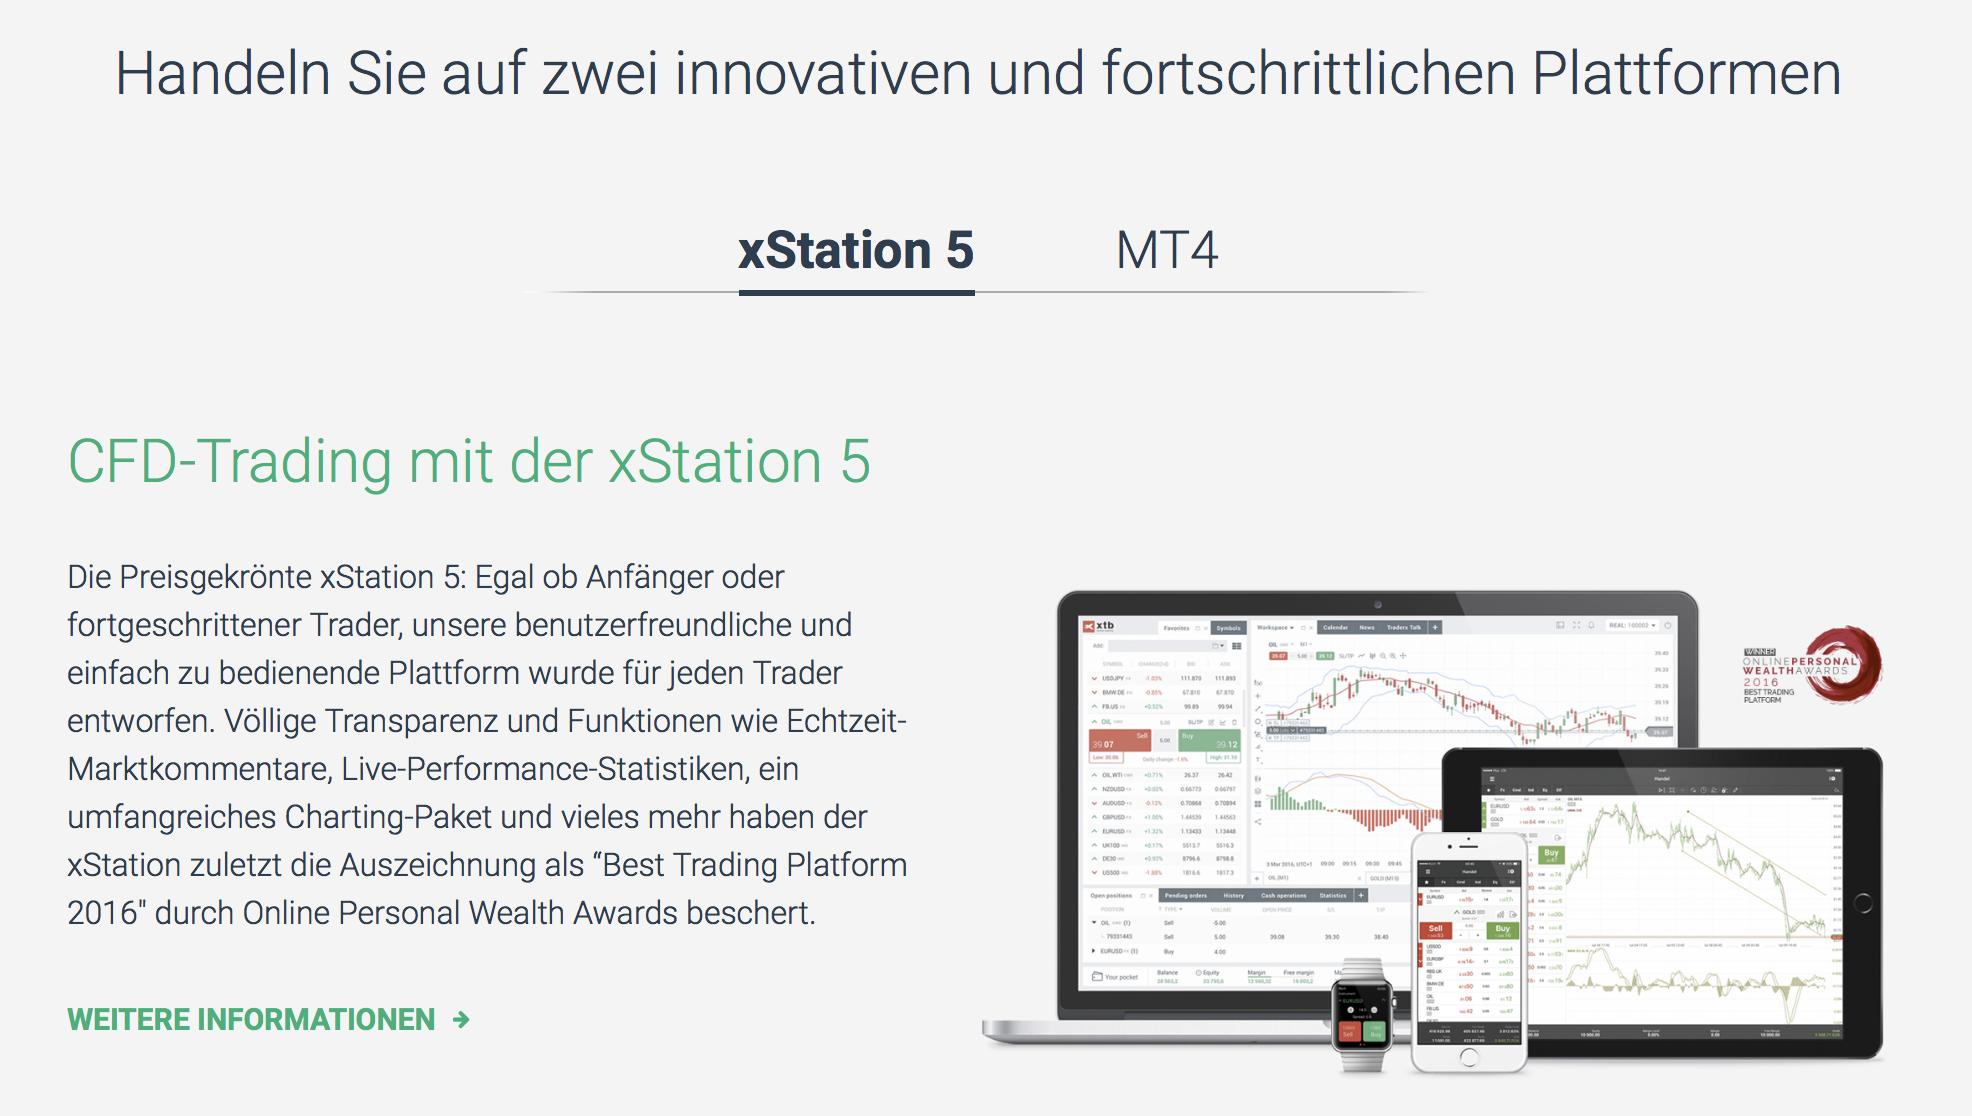 Mit xStation5 und dem MetaTrader4 stehen leistungsstarke Plattformen bereit